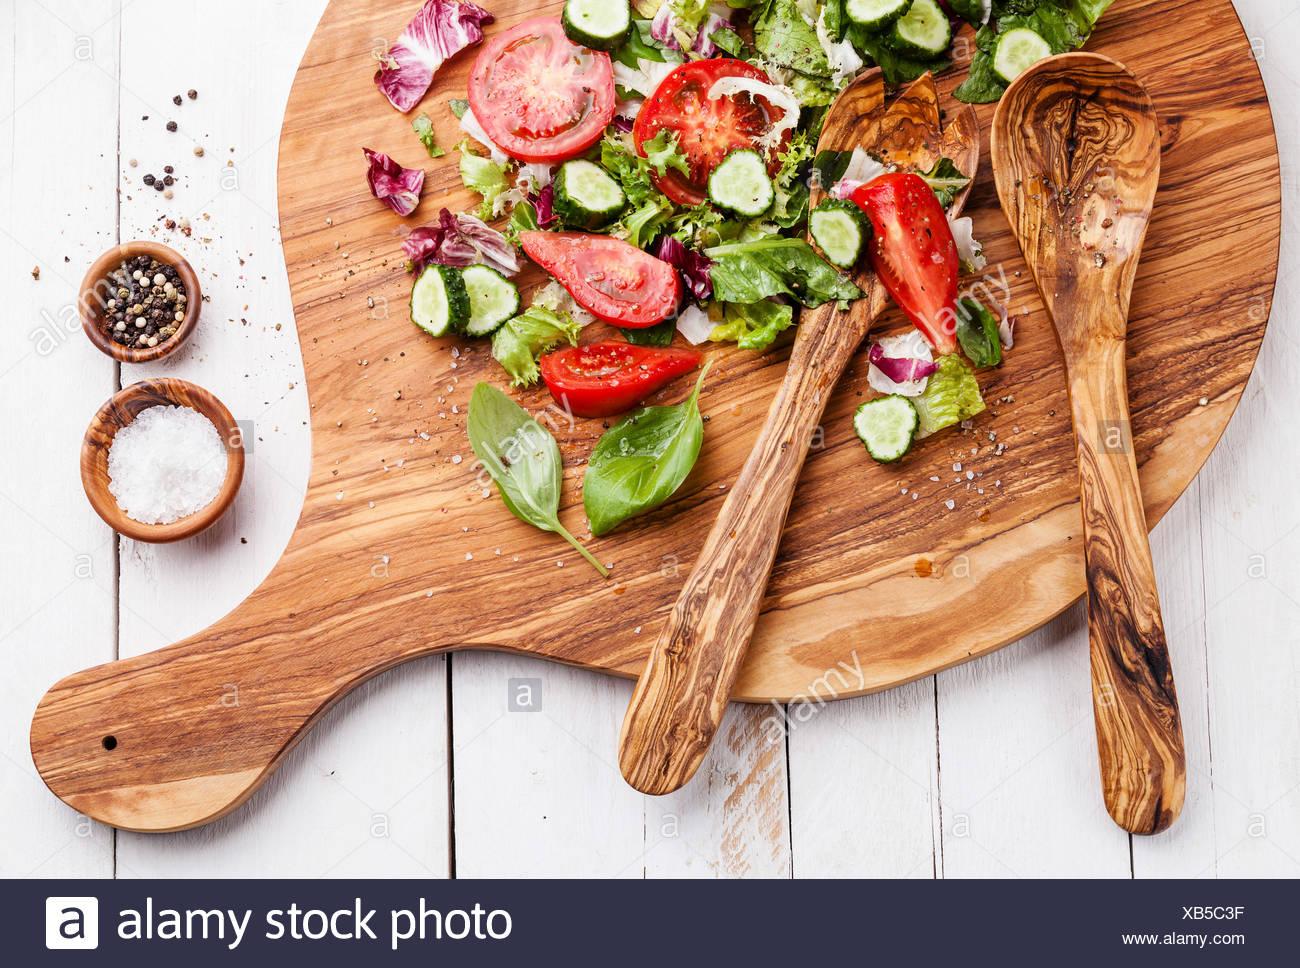 Les ingrédients d'une salade de légumes frais sur la planche à découper en bois d'olivier Photo Stock